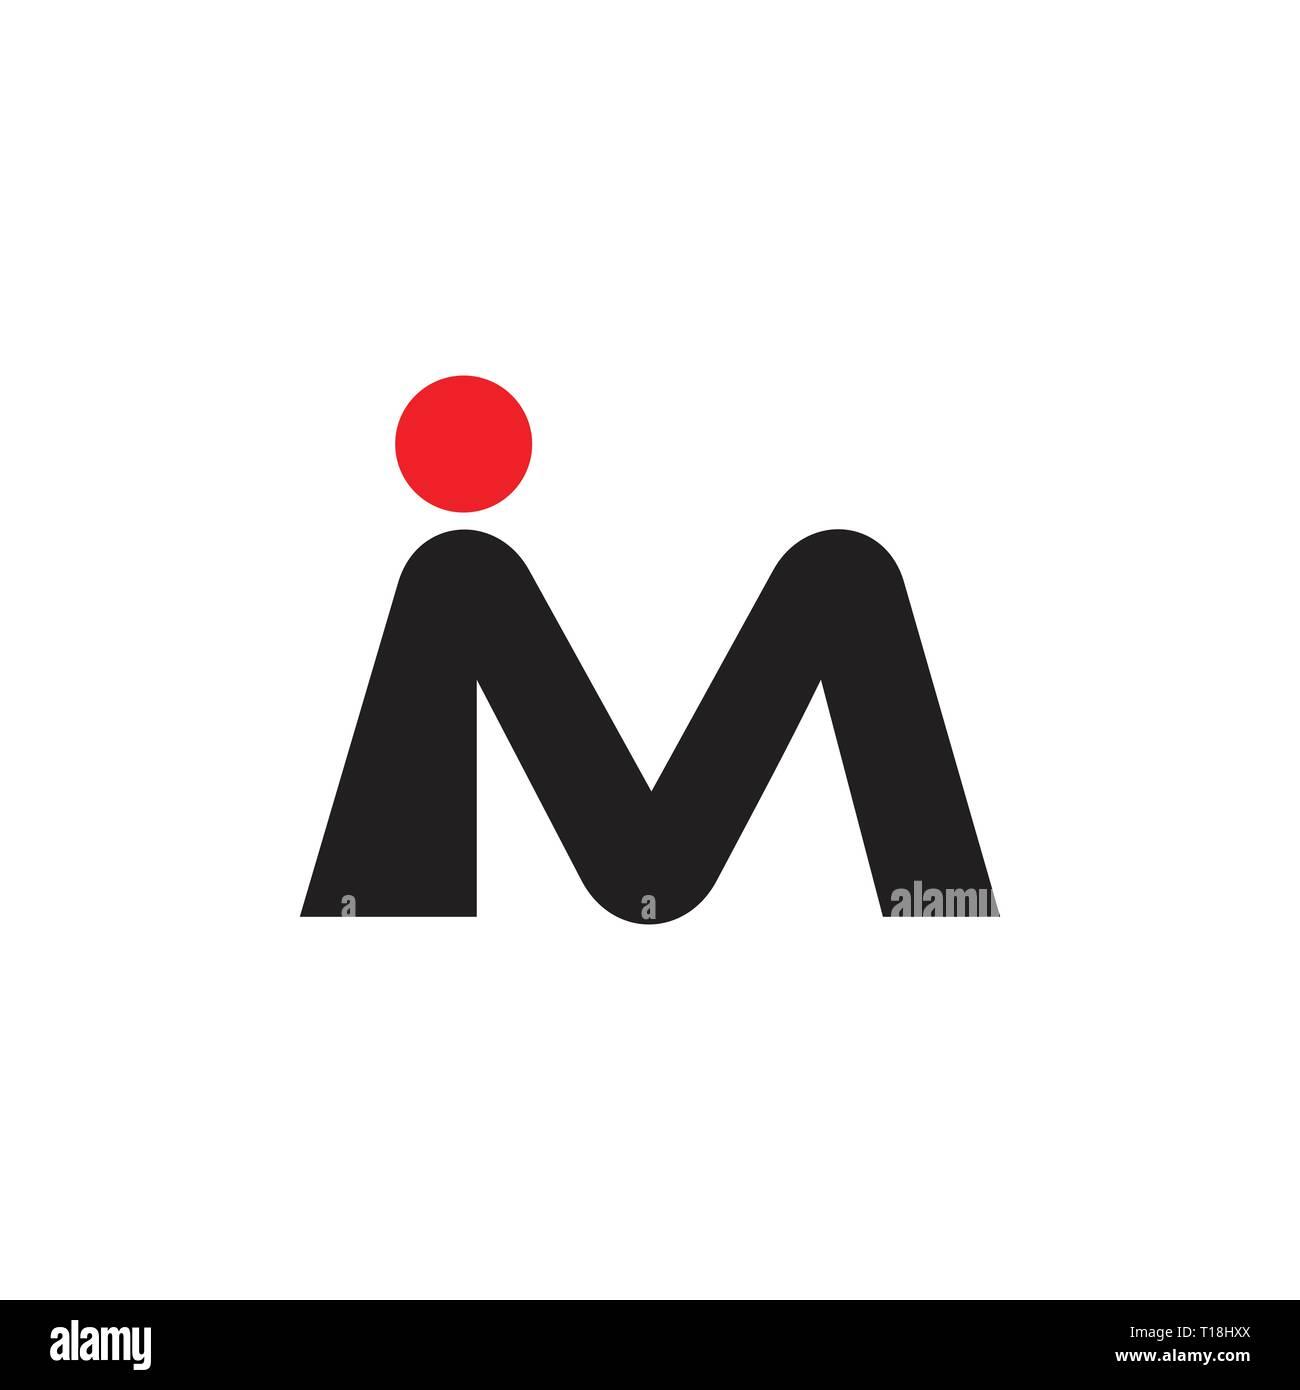 letter im simple dot logo vector - Stock Image